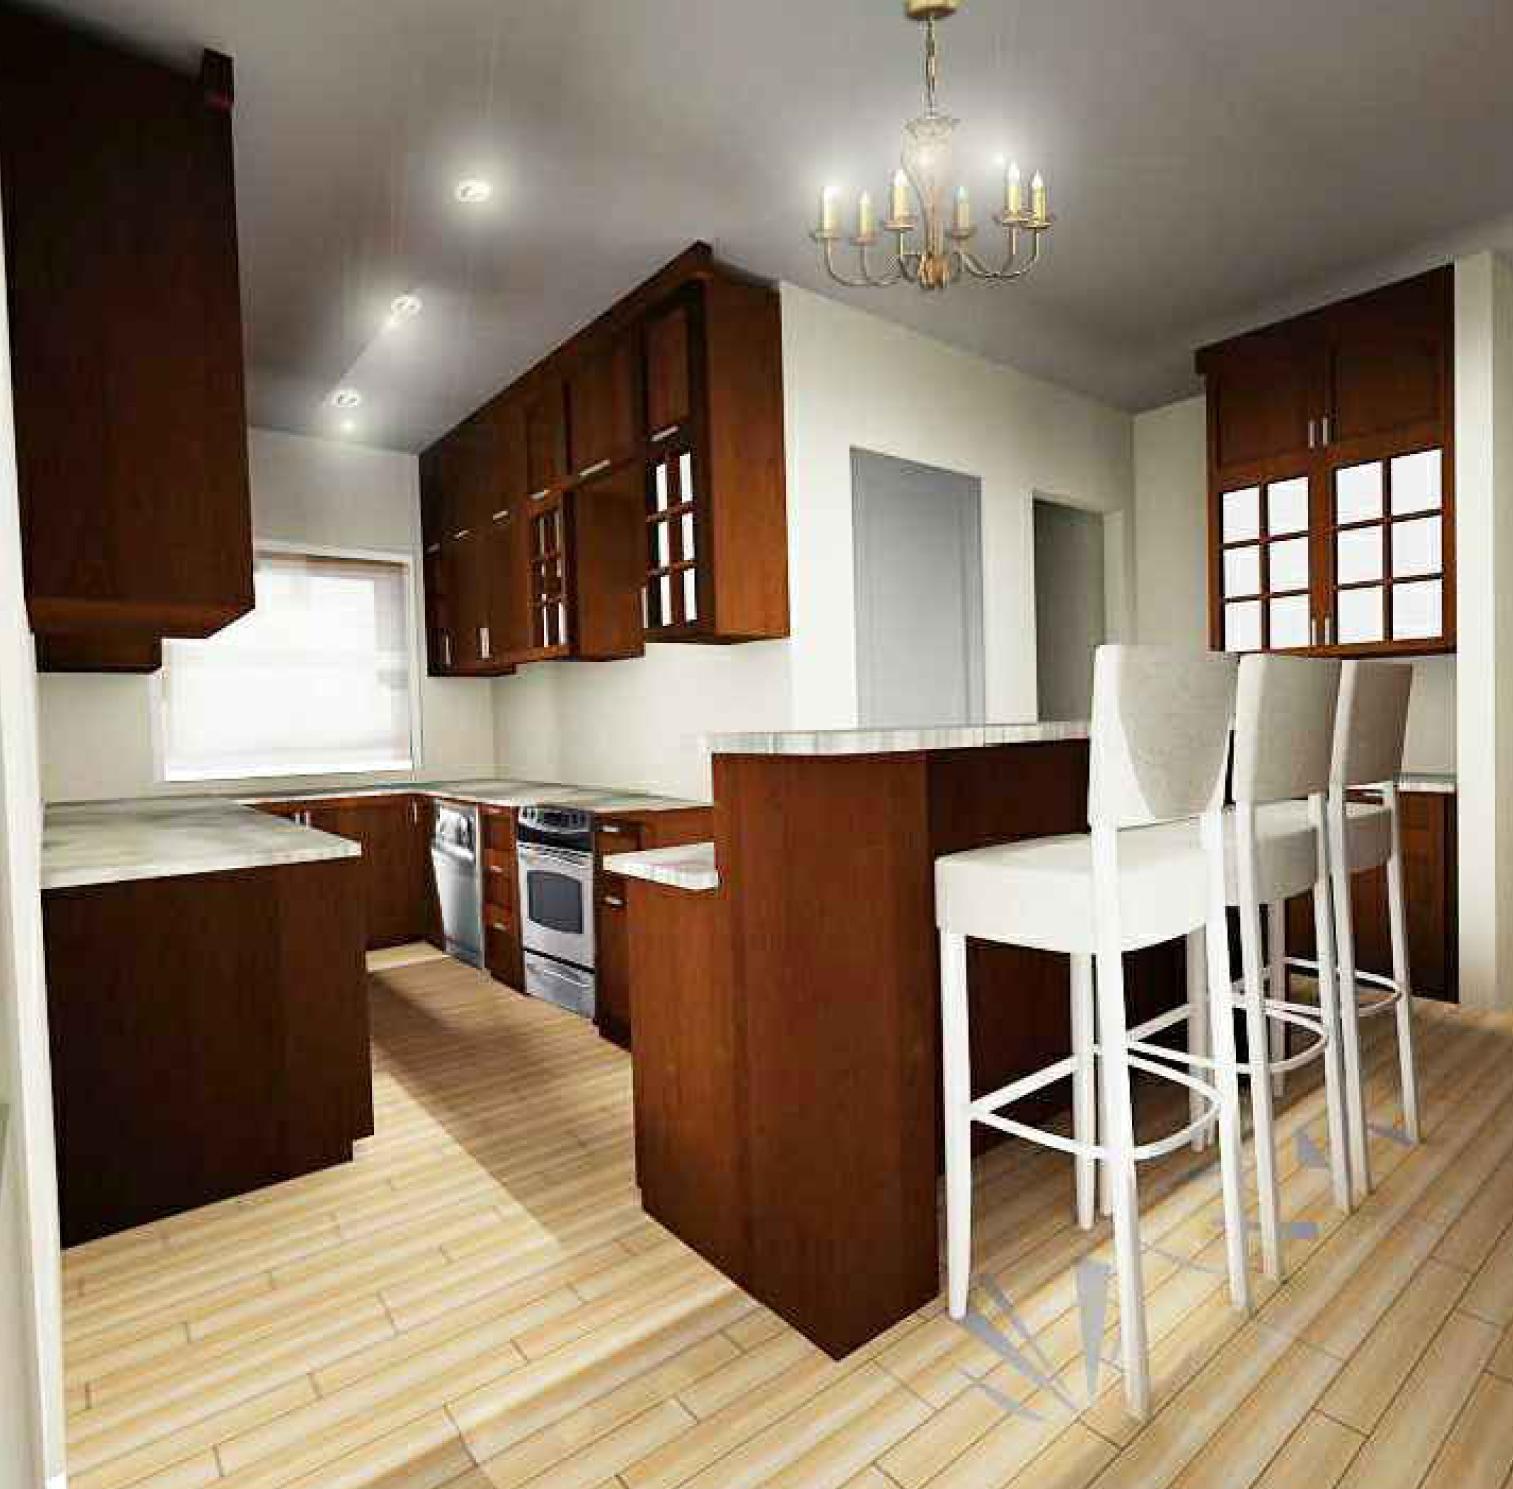 Viewdesignerproject projectkitchen design for Kitchen design normal